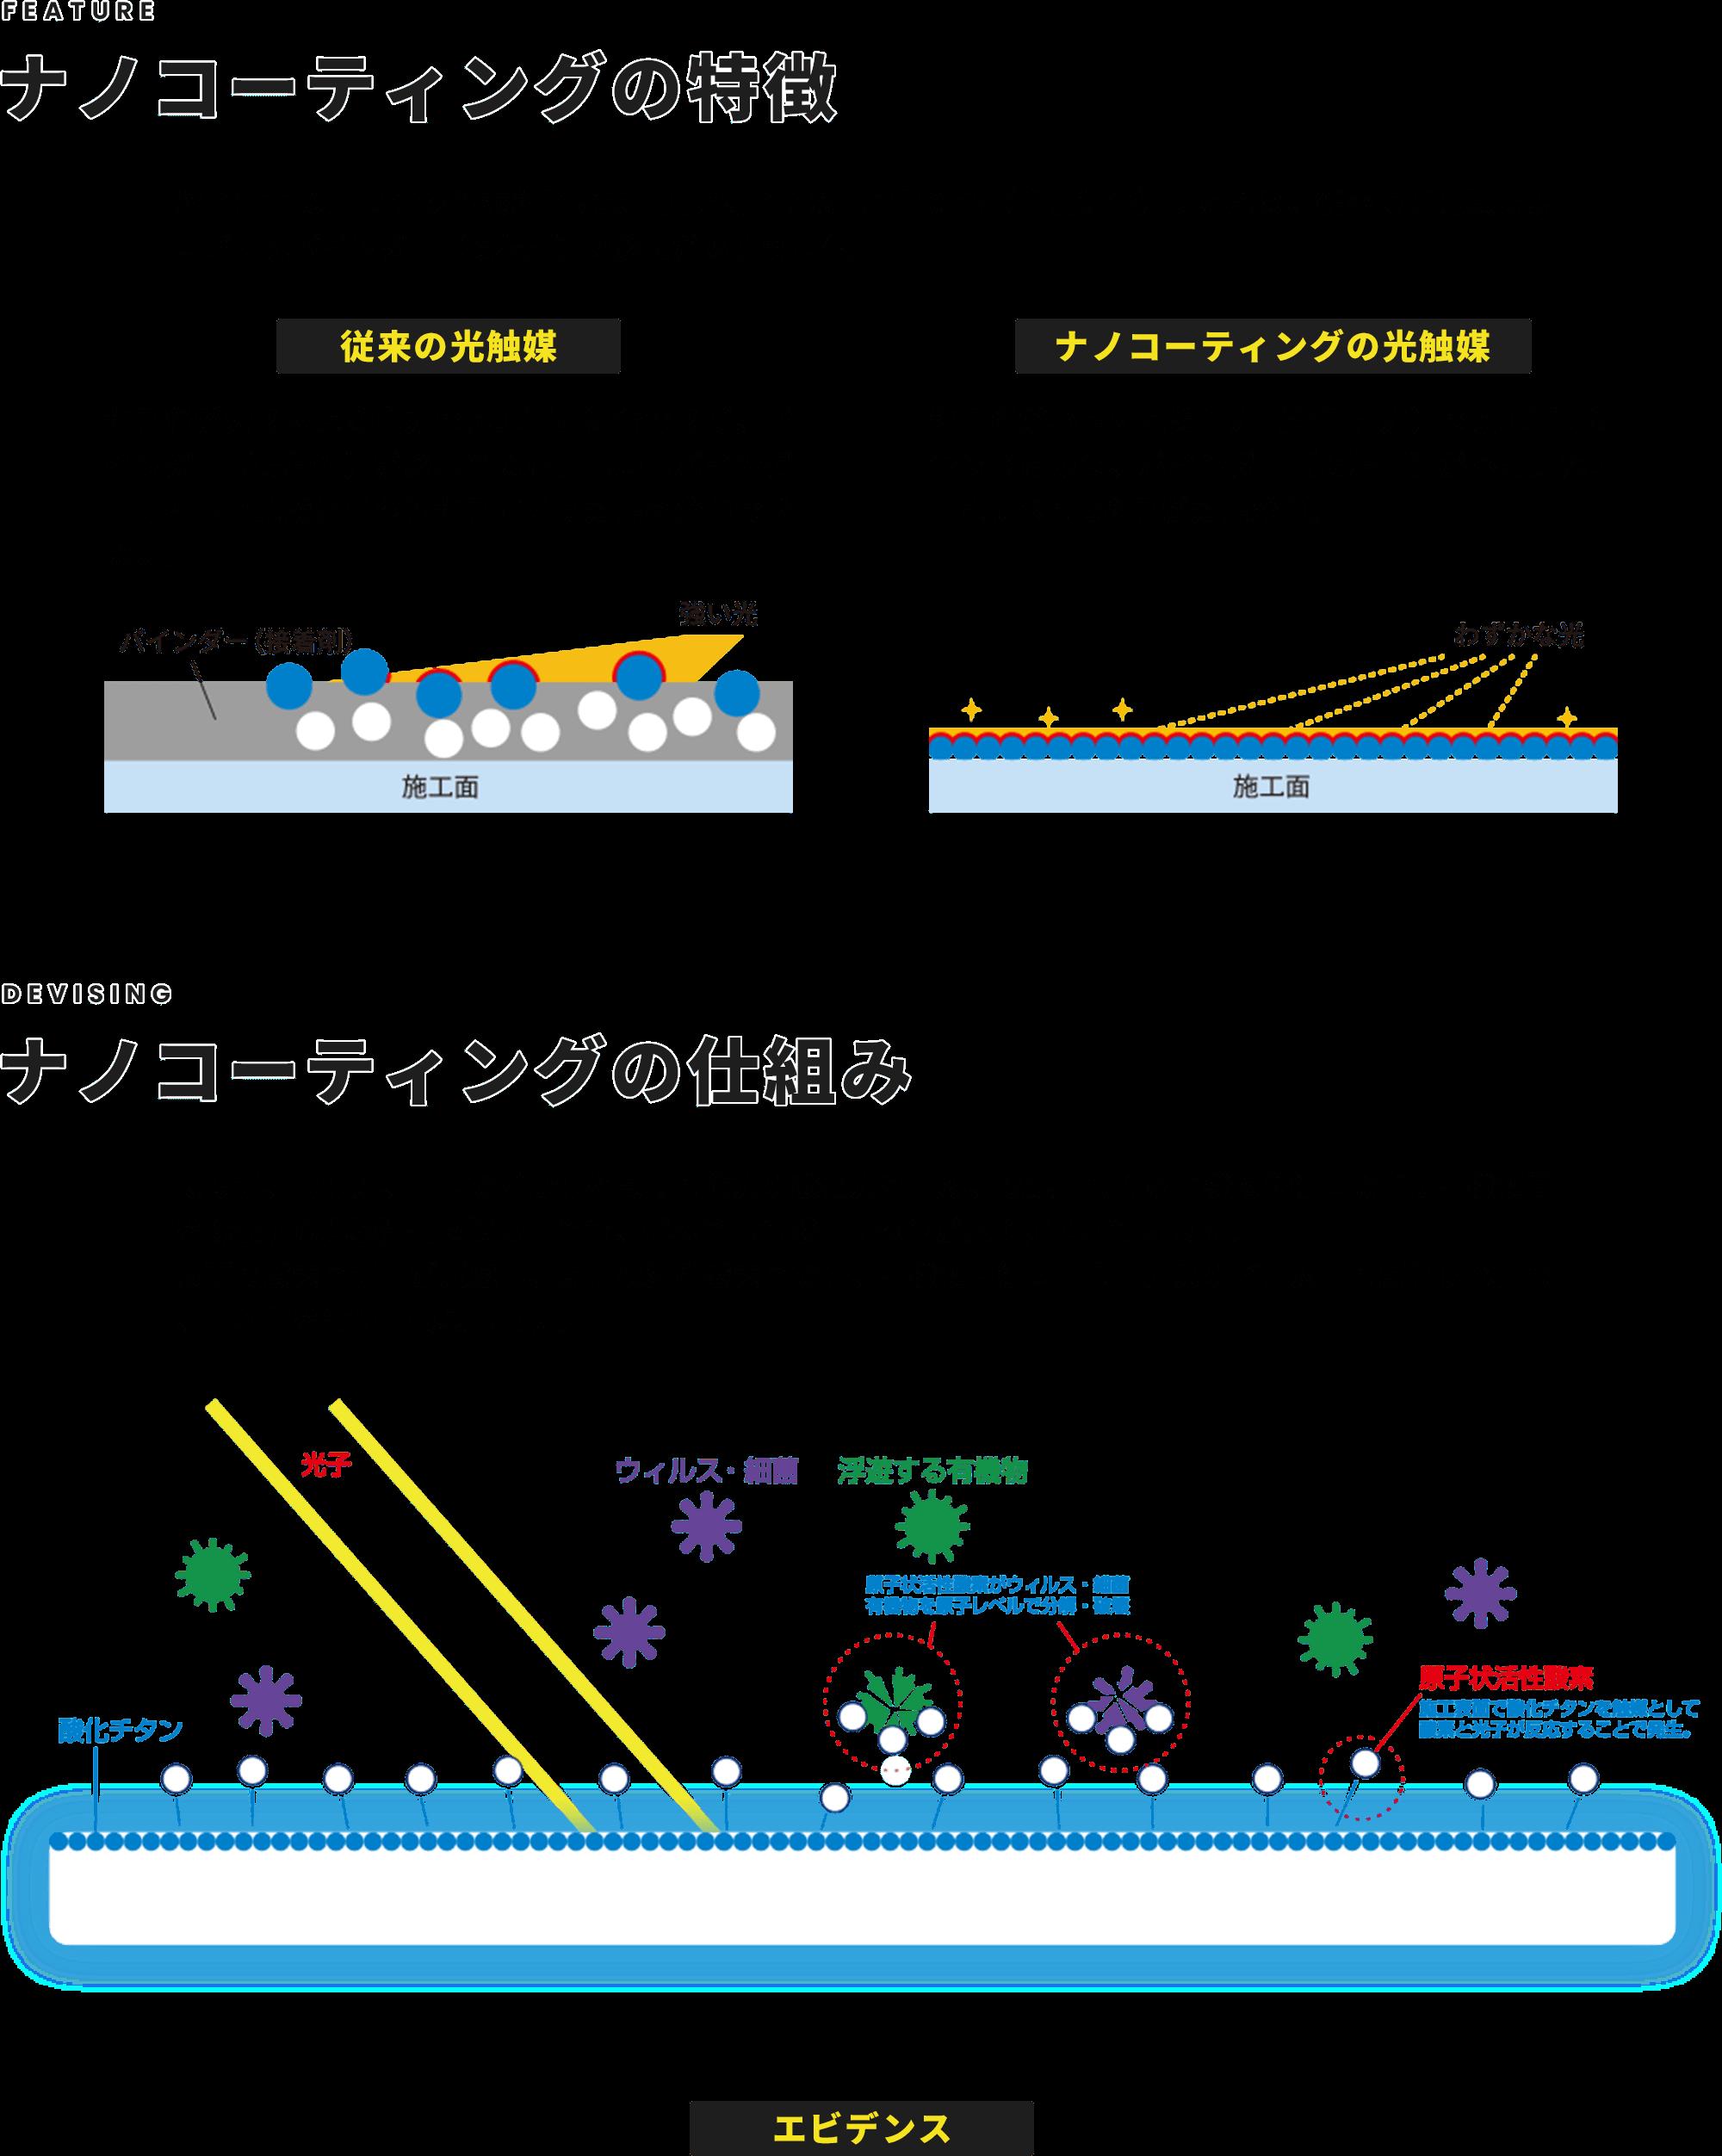 ナノコーティングの特徴 / ナノコーティングの仕組み